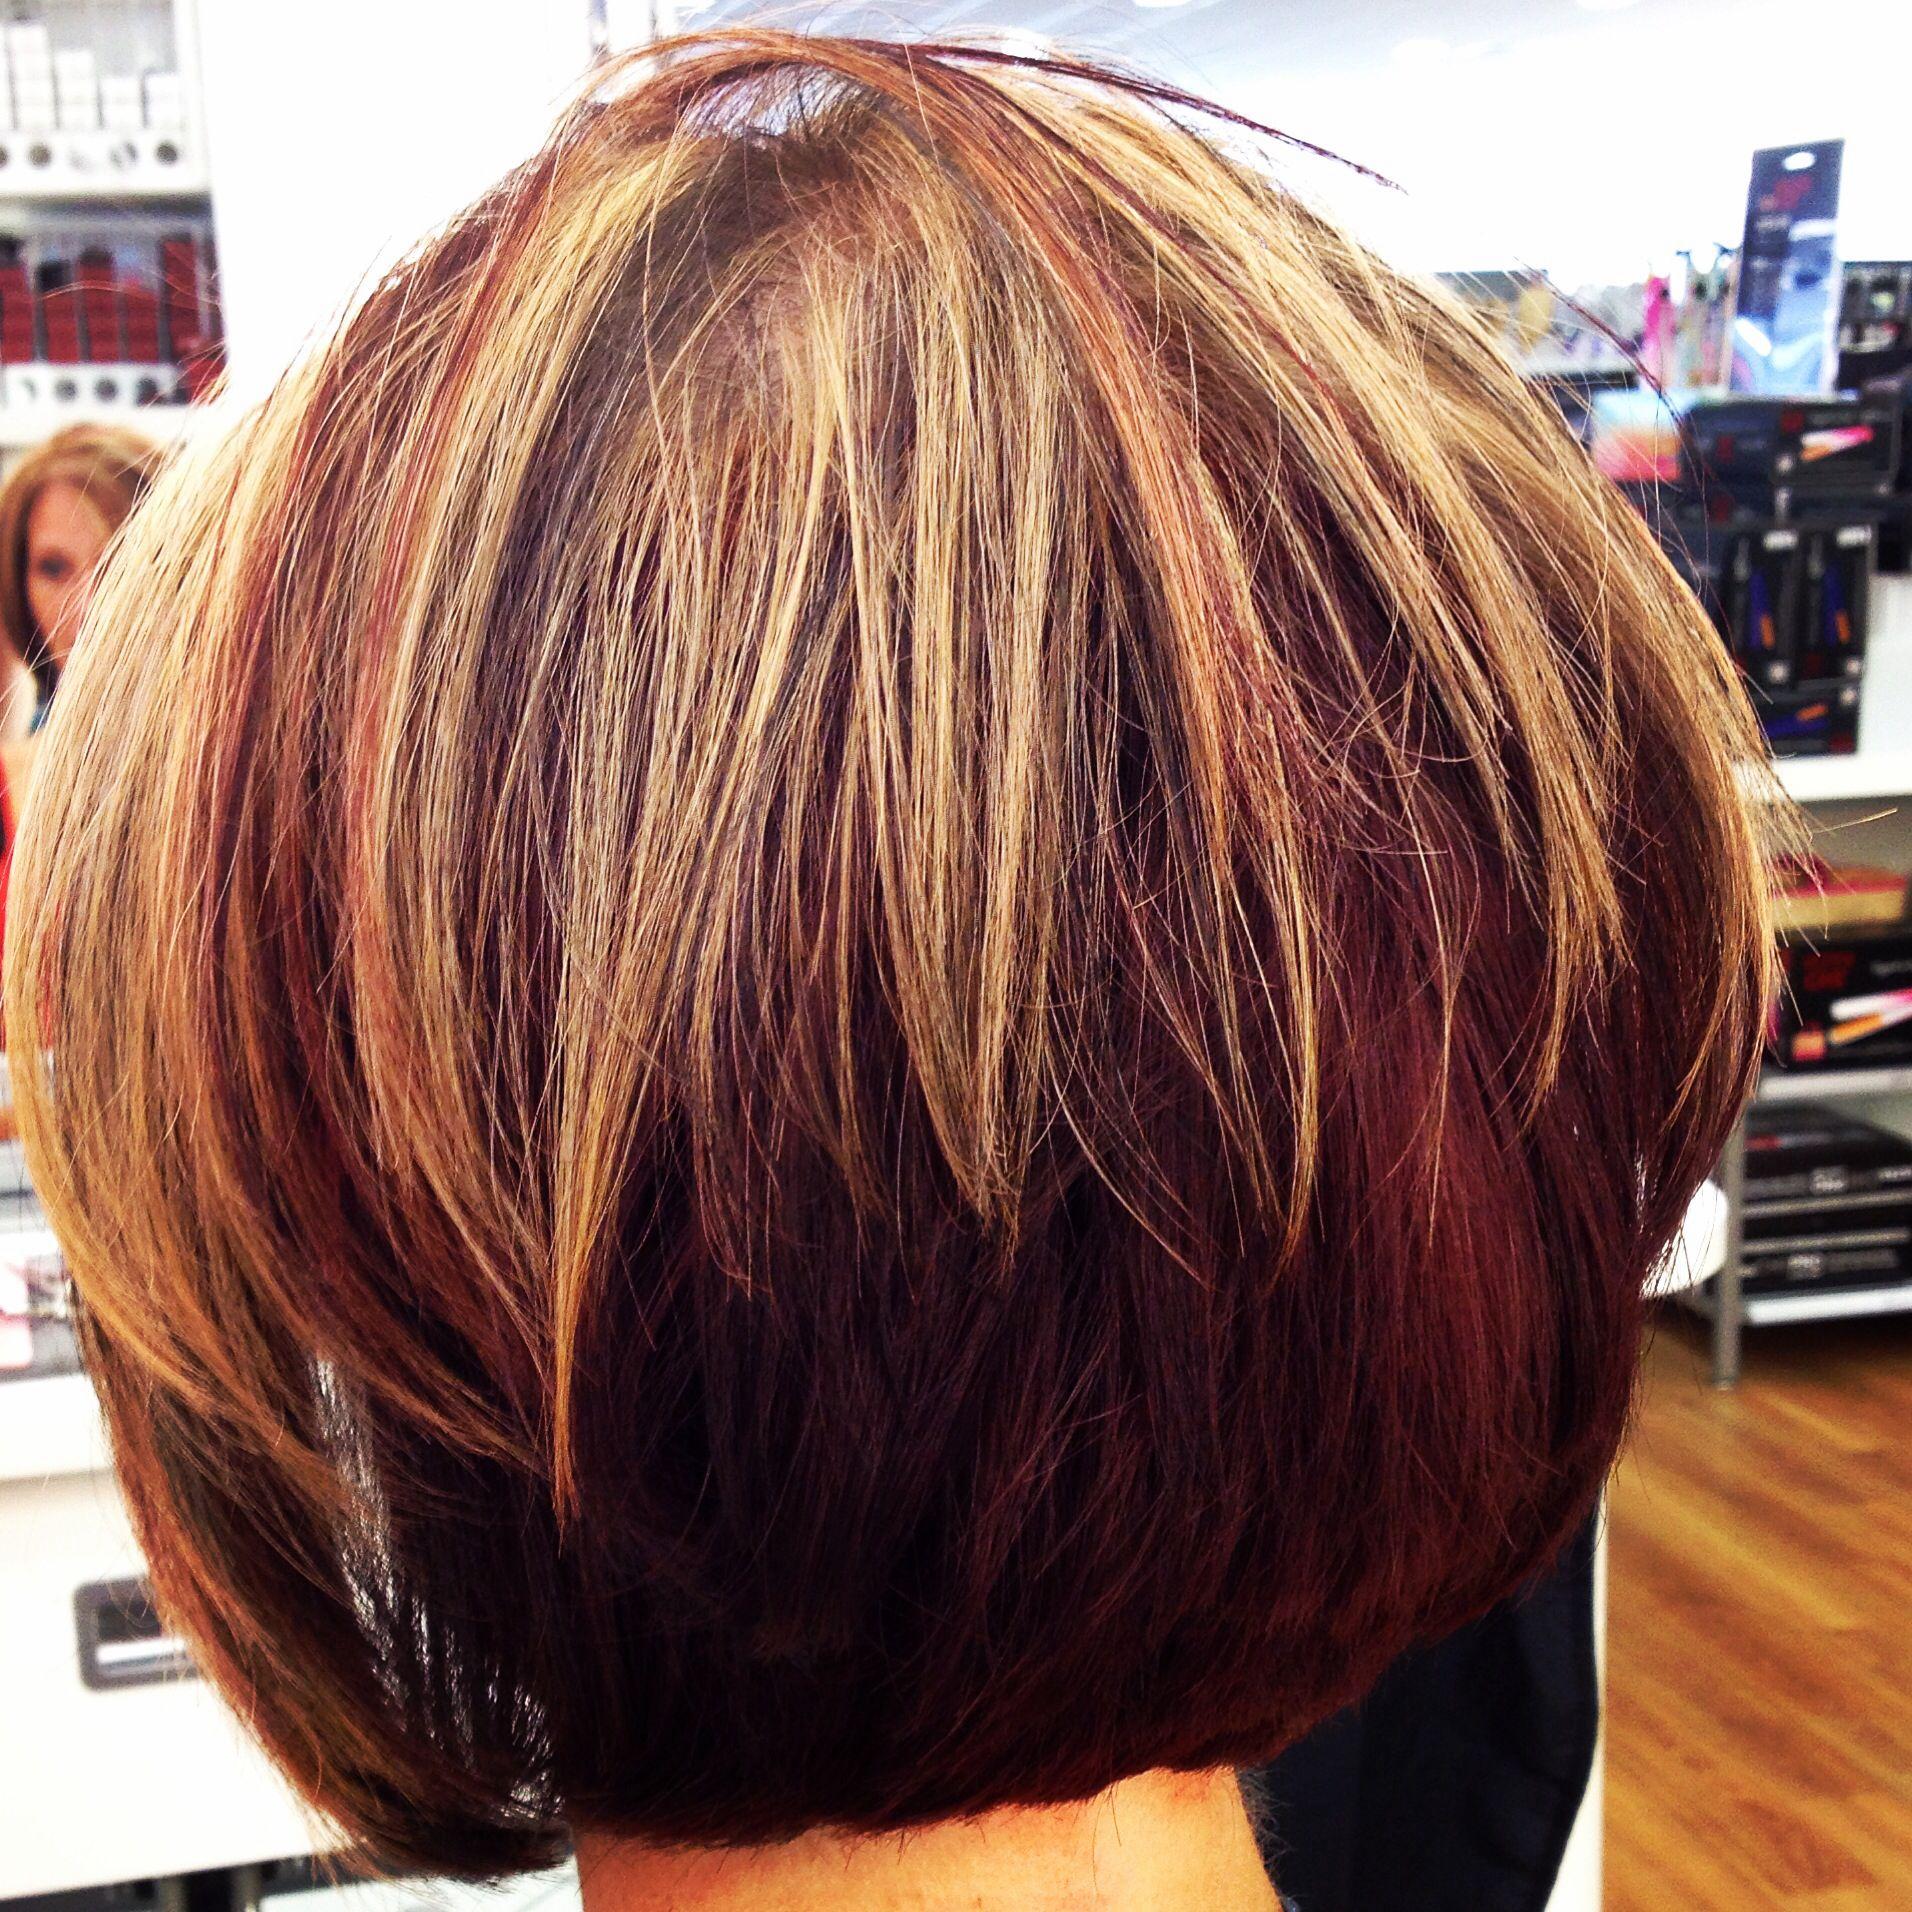 Strange Red Blonde Dark And Bobs On Pinterest Short Hairstyles Gunalazisus